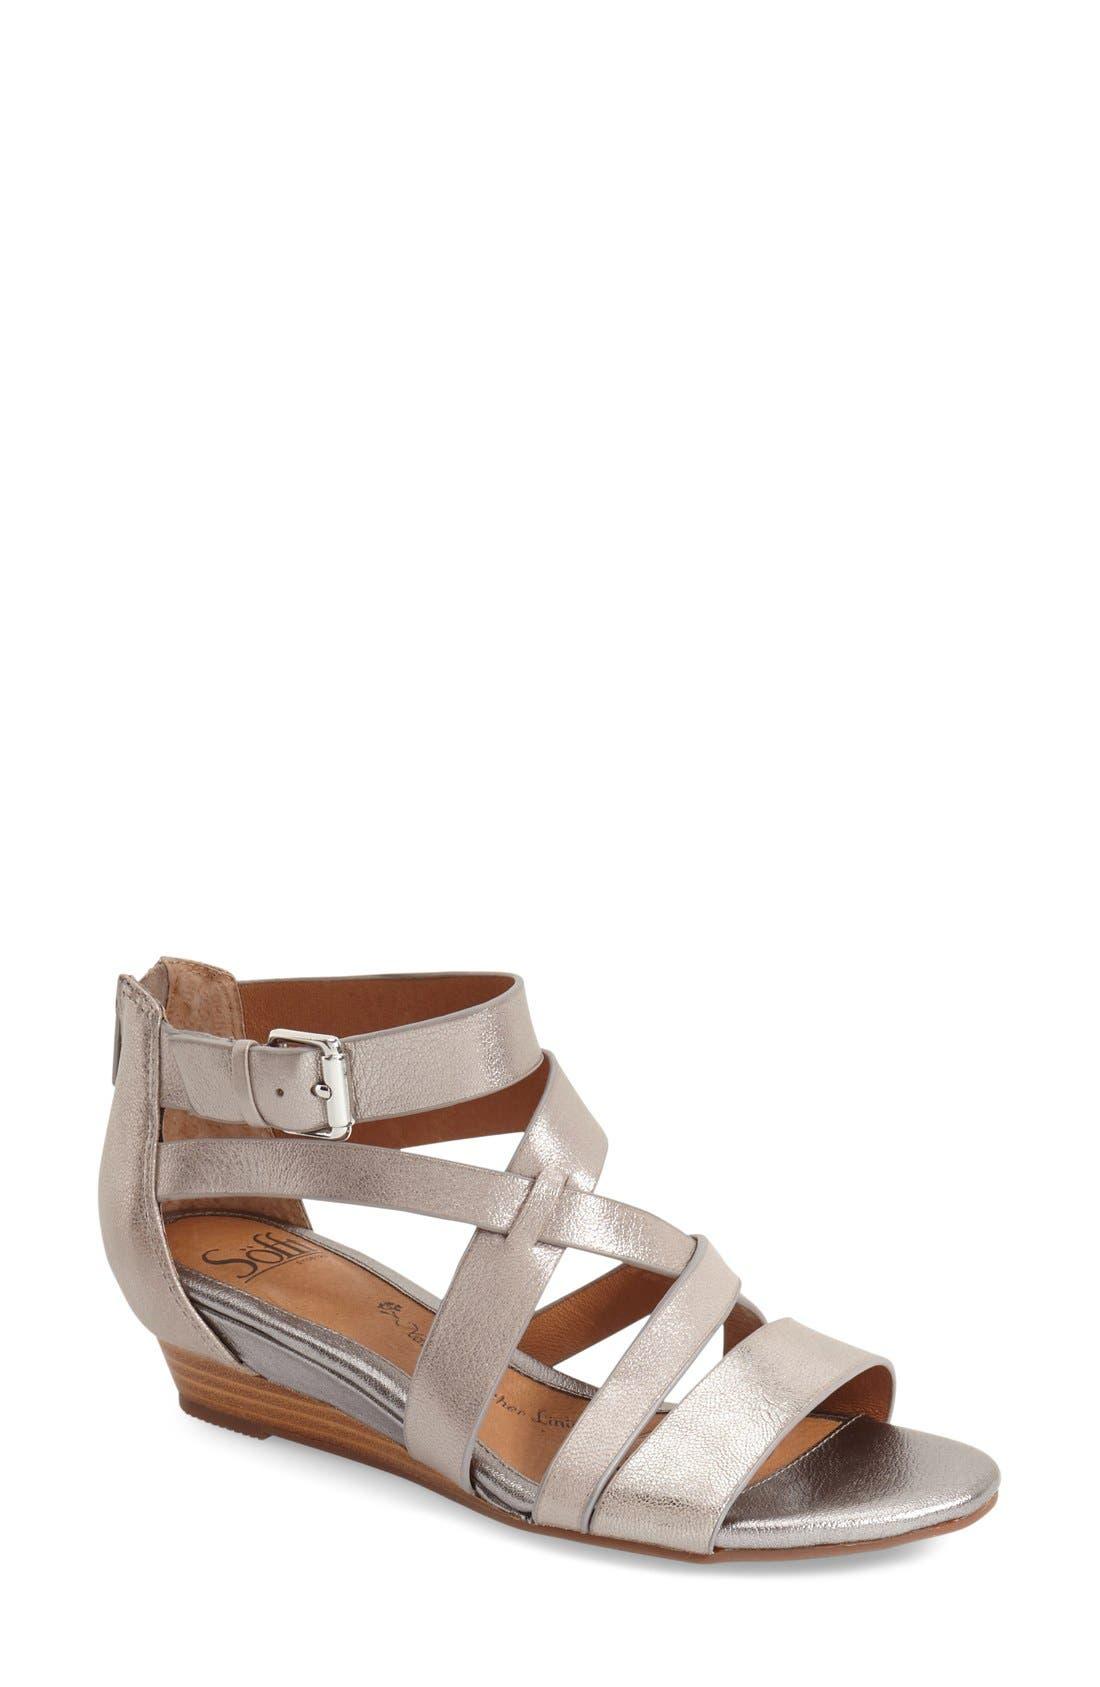 Alternate Image 1 Selected - Söfft 'Rianna' Wedge Sandal (Women)